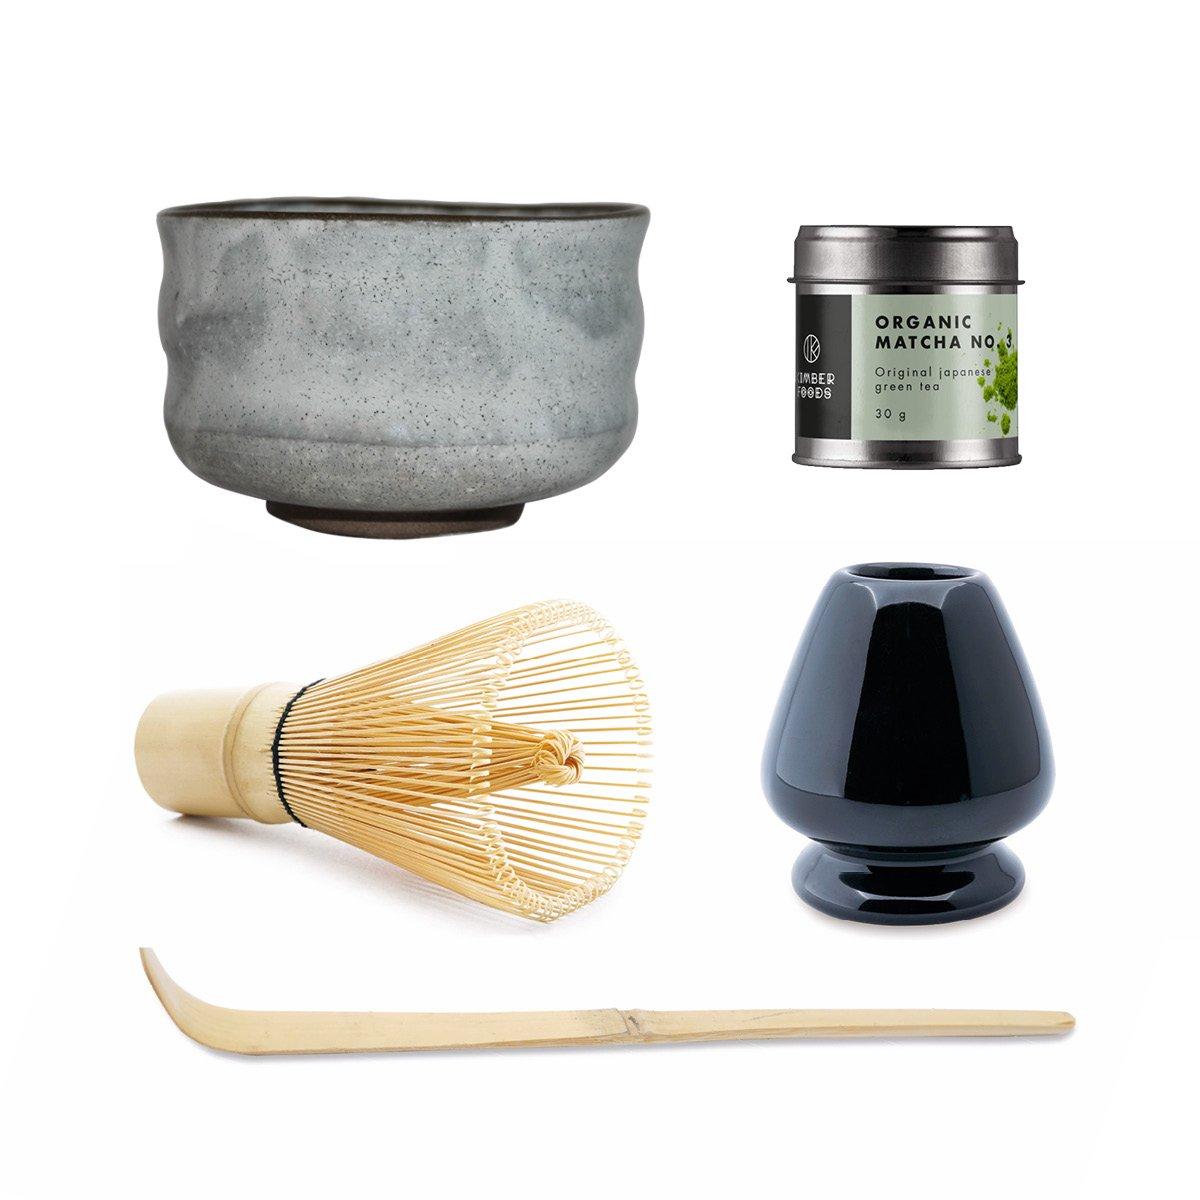 Luksus matcha sæt med japansk MATCHA No. 3 økologisk, KOHKI matcha teskål håndlavet